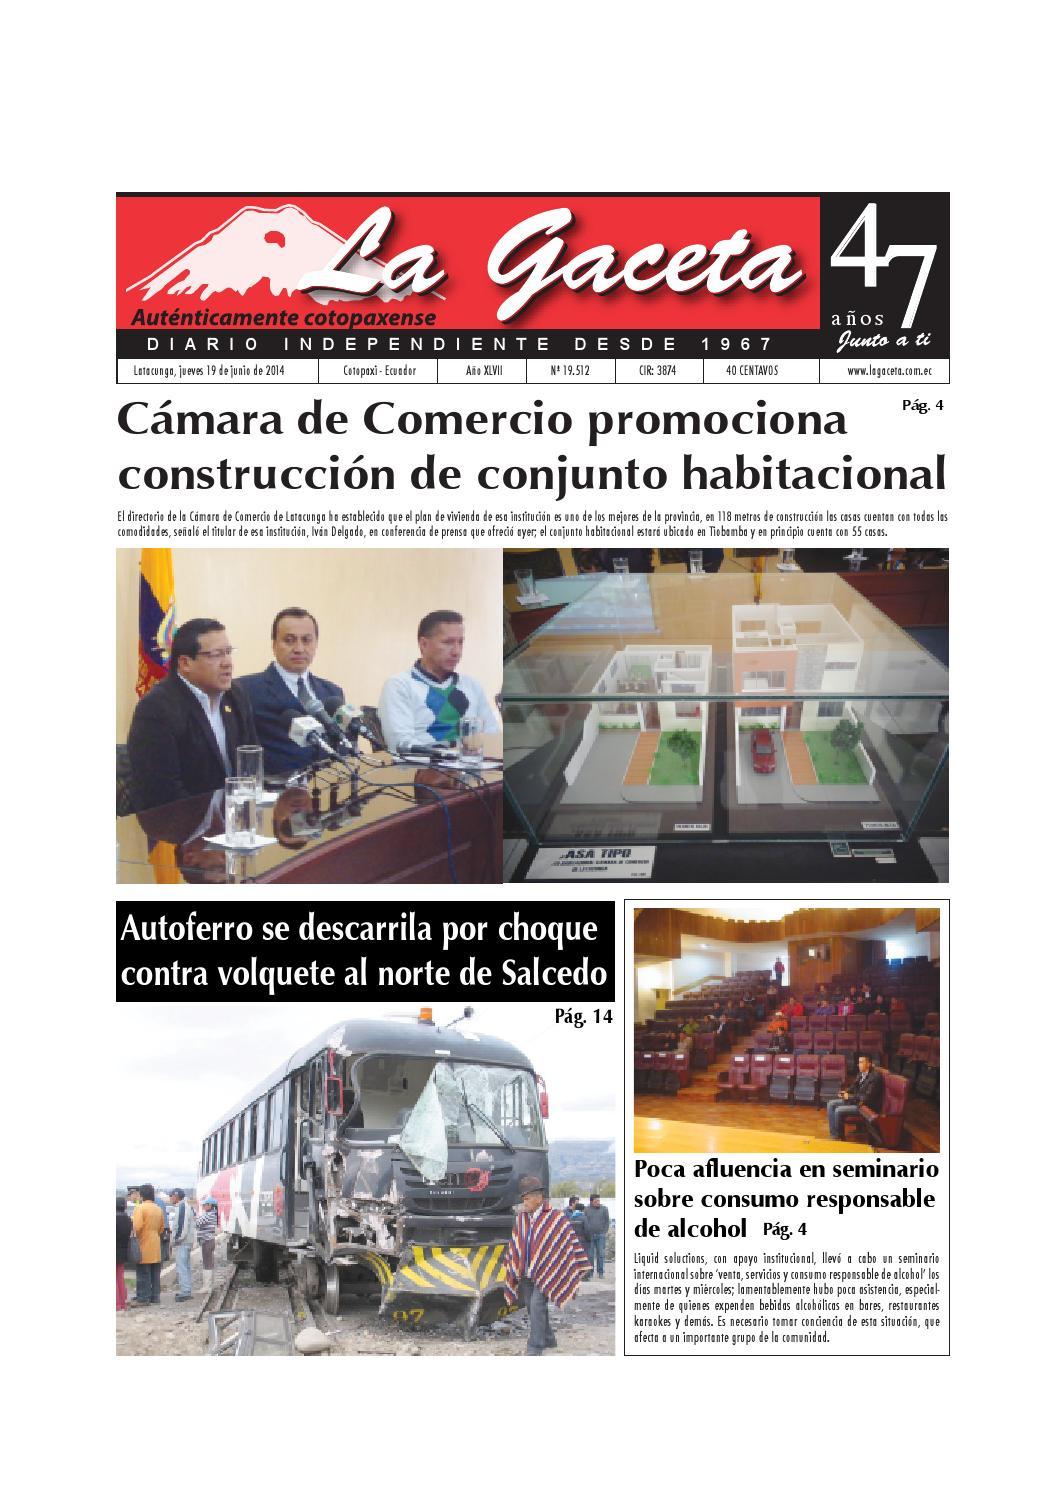 La Gaceta 19 junio 2014 by Diario La Gaceta - issuu